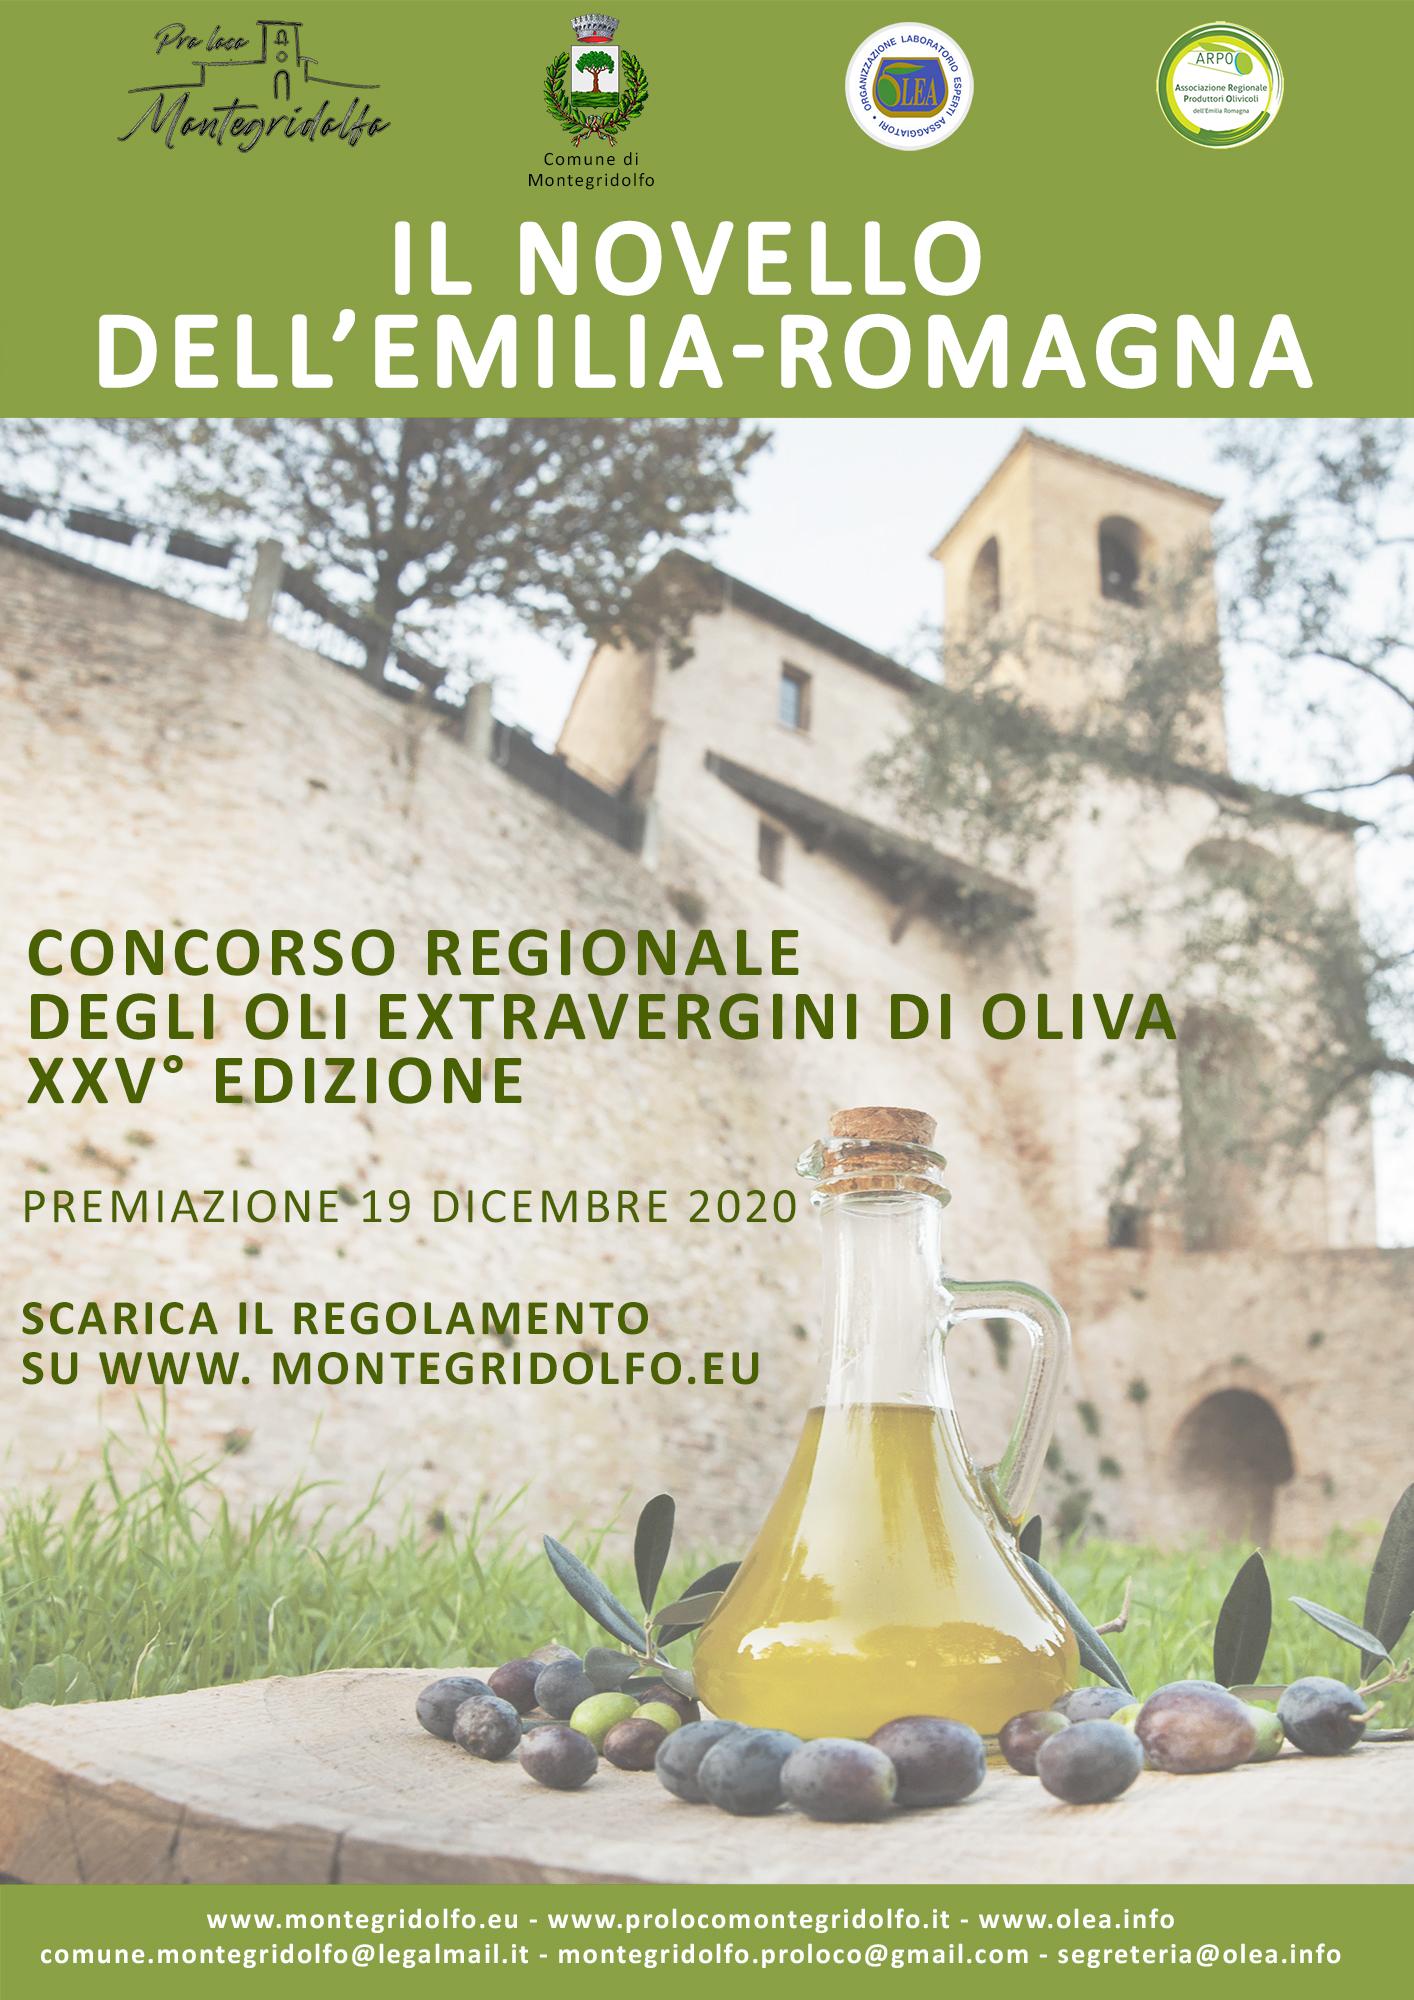 IL NOVELLO DELL'EMILIA-ROMAGNA - CONCORSO FRA OLI EXTRA VERGINI D'OLIVA DI QUALITÀ - XXV° Edizione